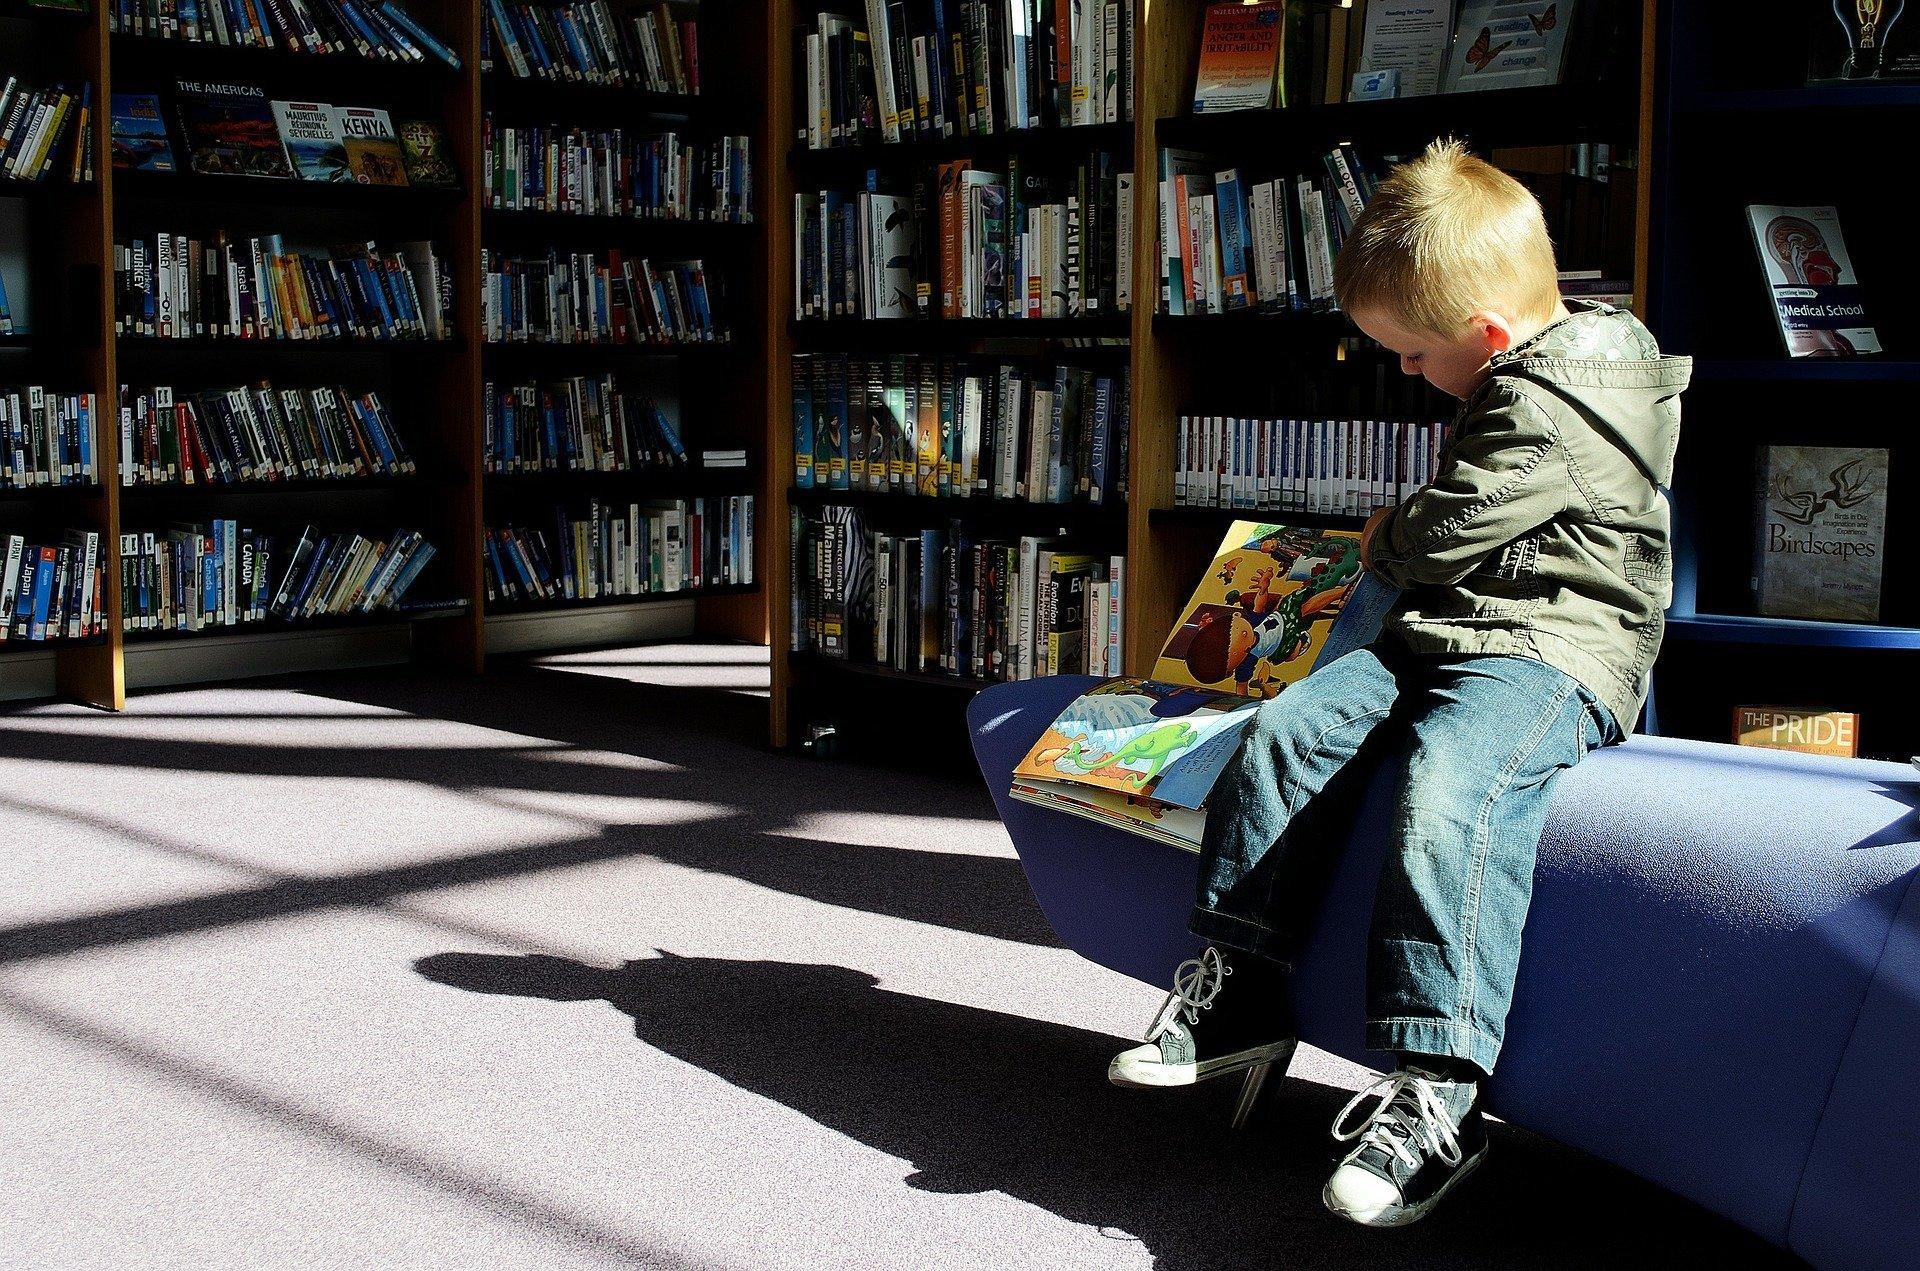 un bambino in una libreria sfoglia un libro